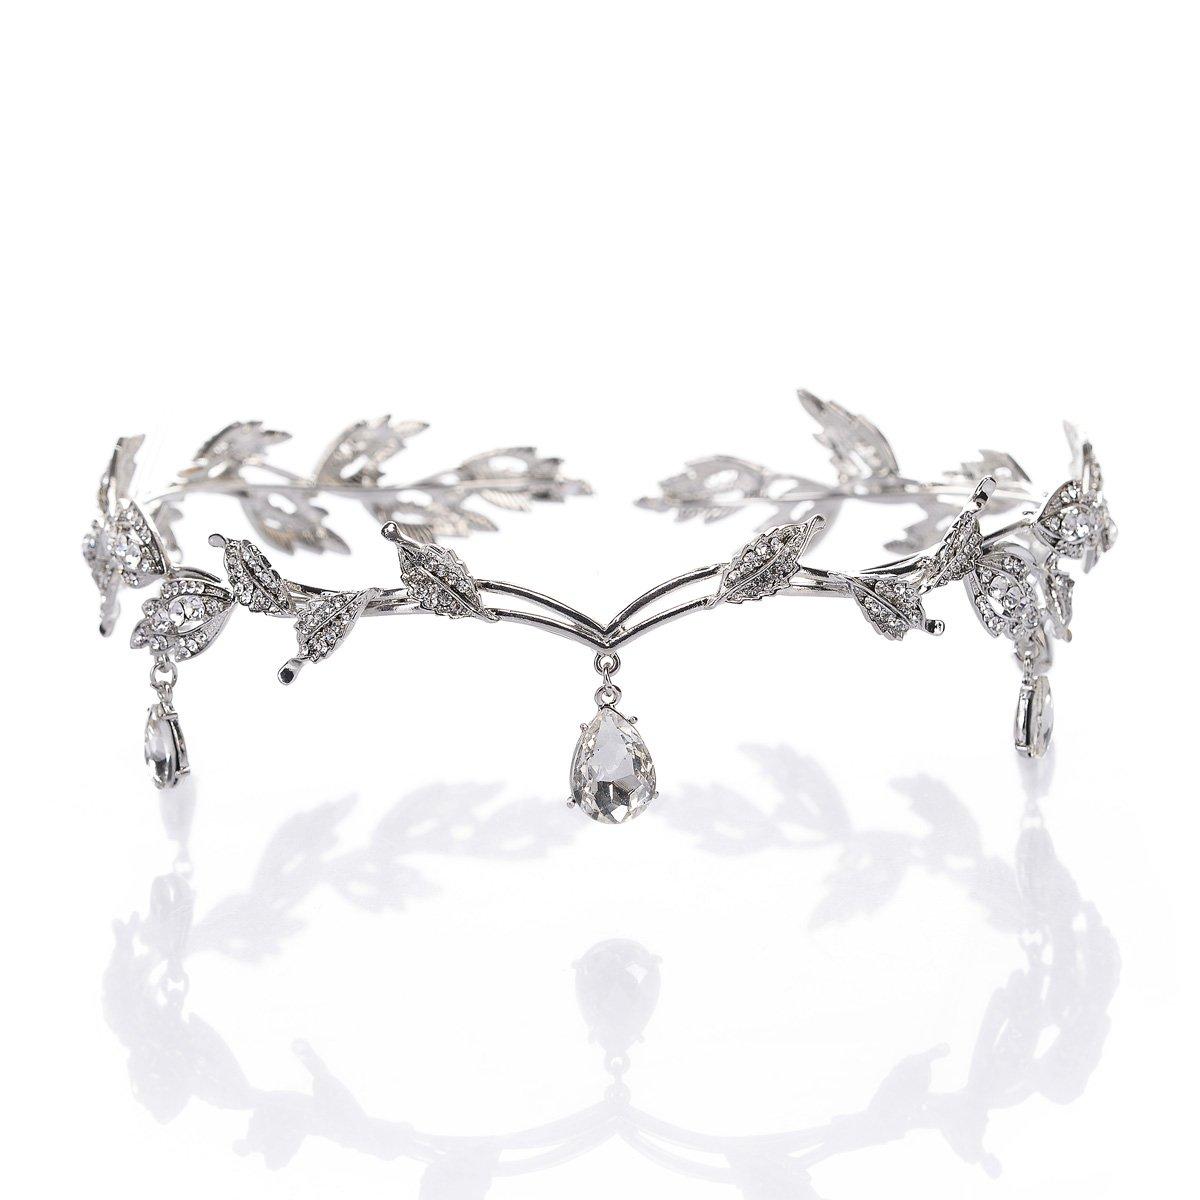 Remedios Elegant Rhinestone Leaf Wedding Headpieces Headband Bridal Tiara Crown, Rose Gold LWCAHG160038C1007